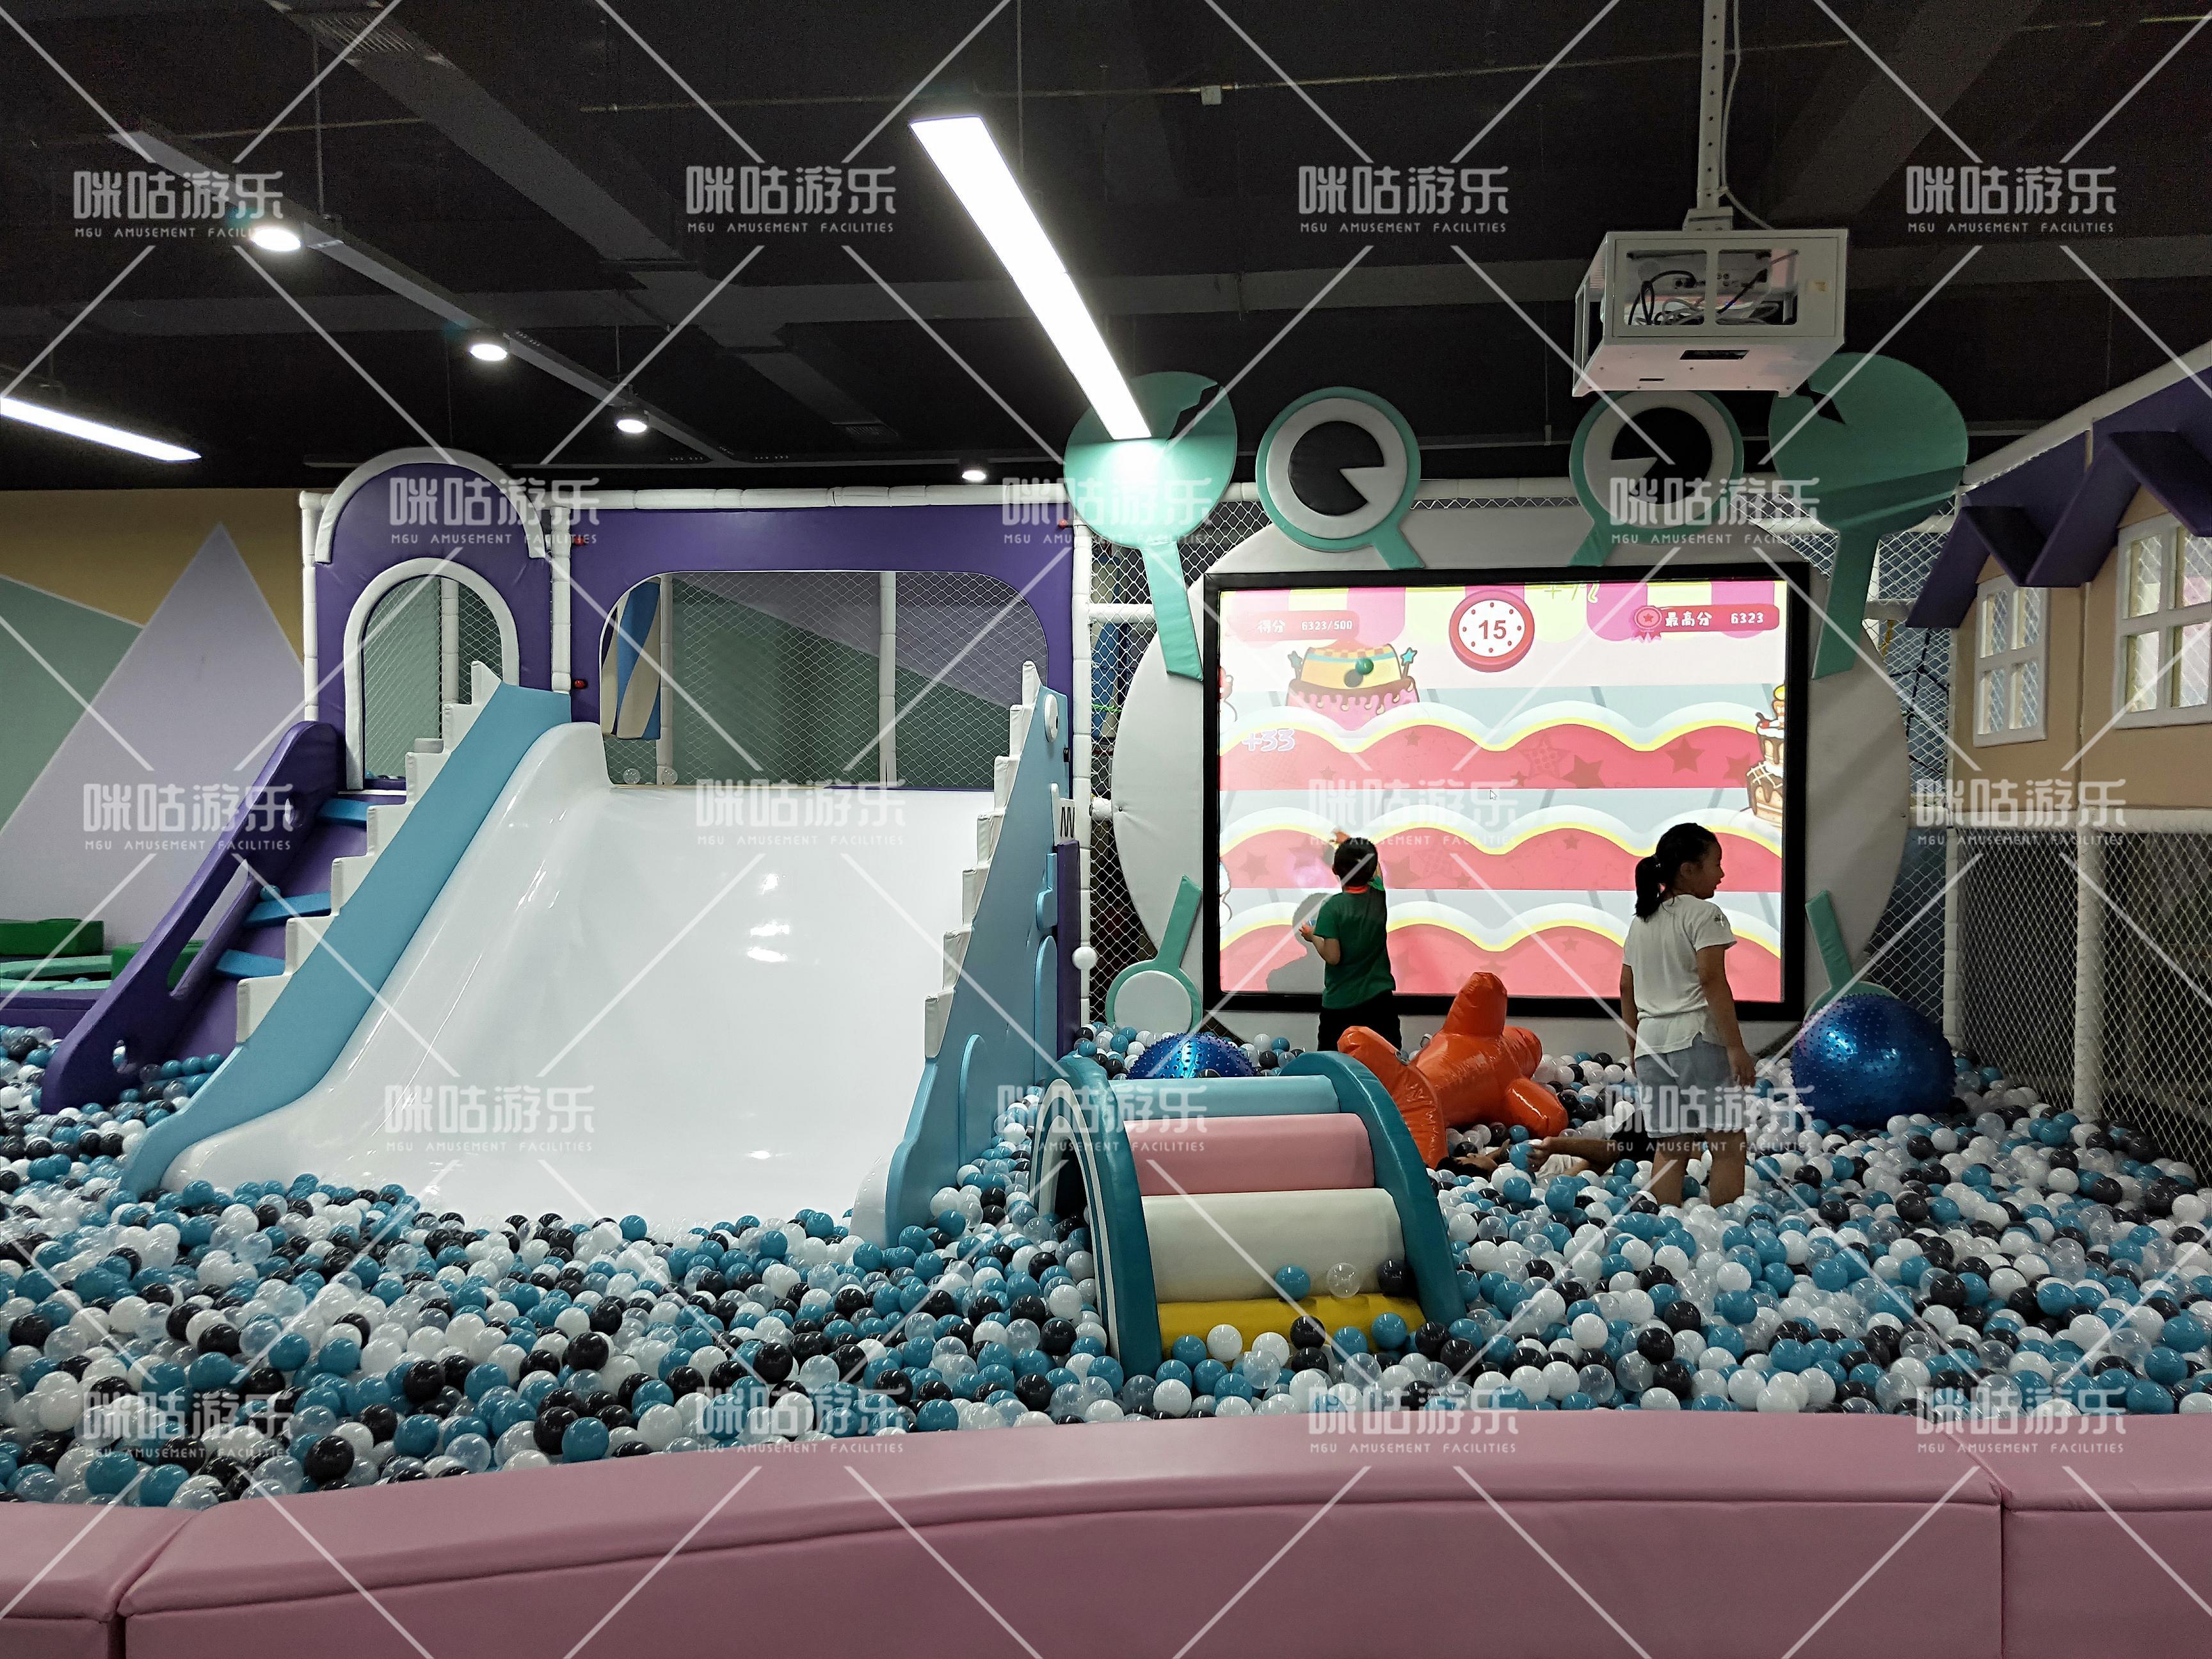 微信图片_20200429155852.jpg 兰州儿童乐园厂家设备 加盟资讯 游乐设备第2张